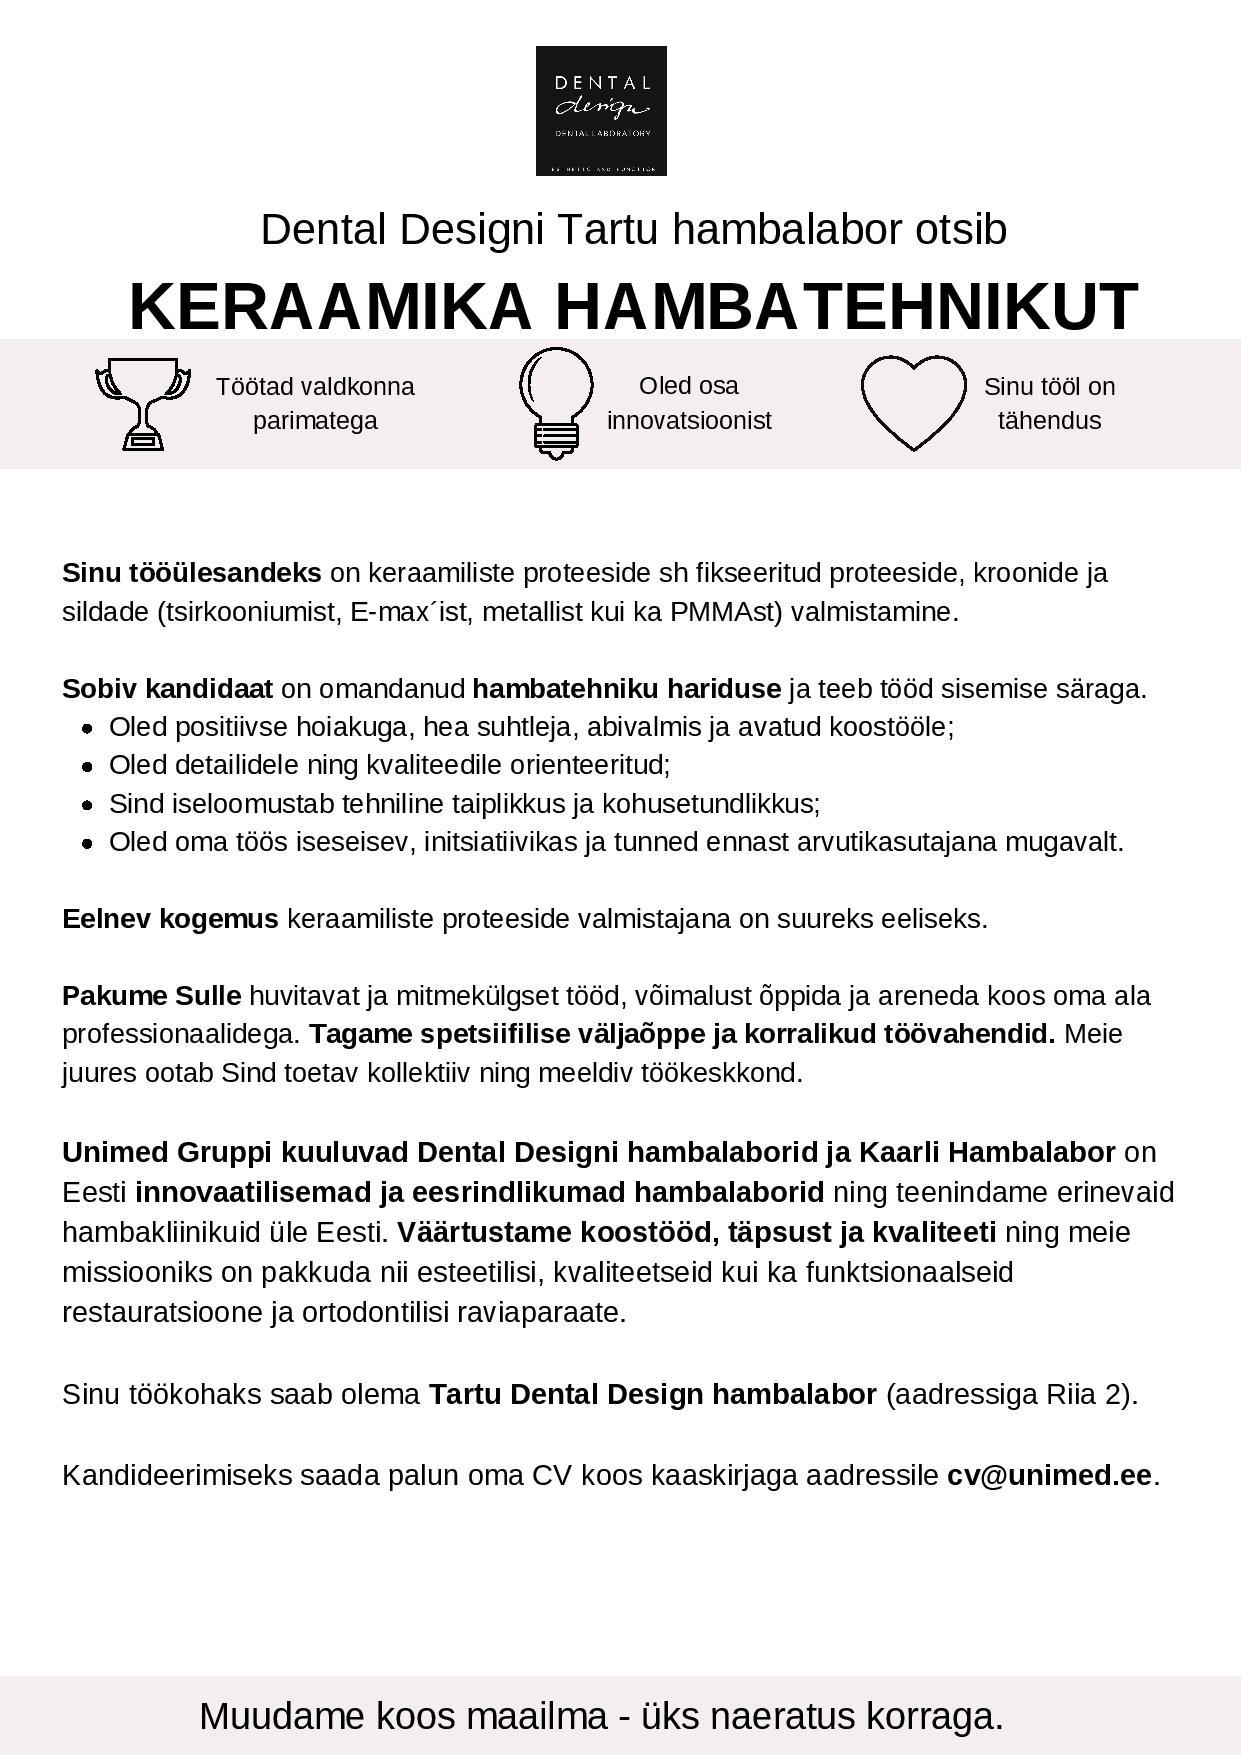 Dental Design Keraamika hambatehnik-page-001